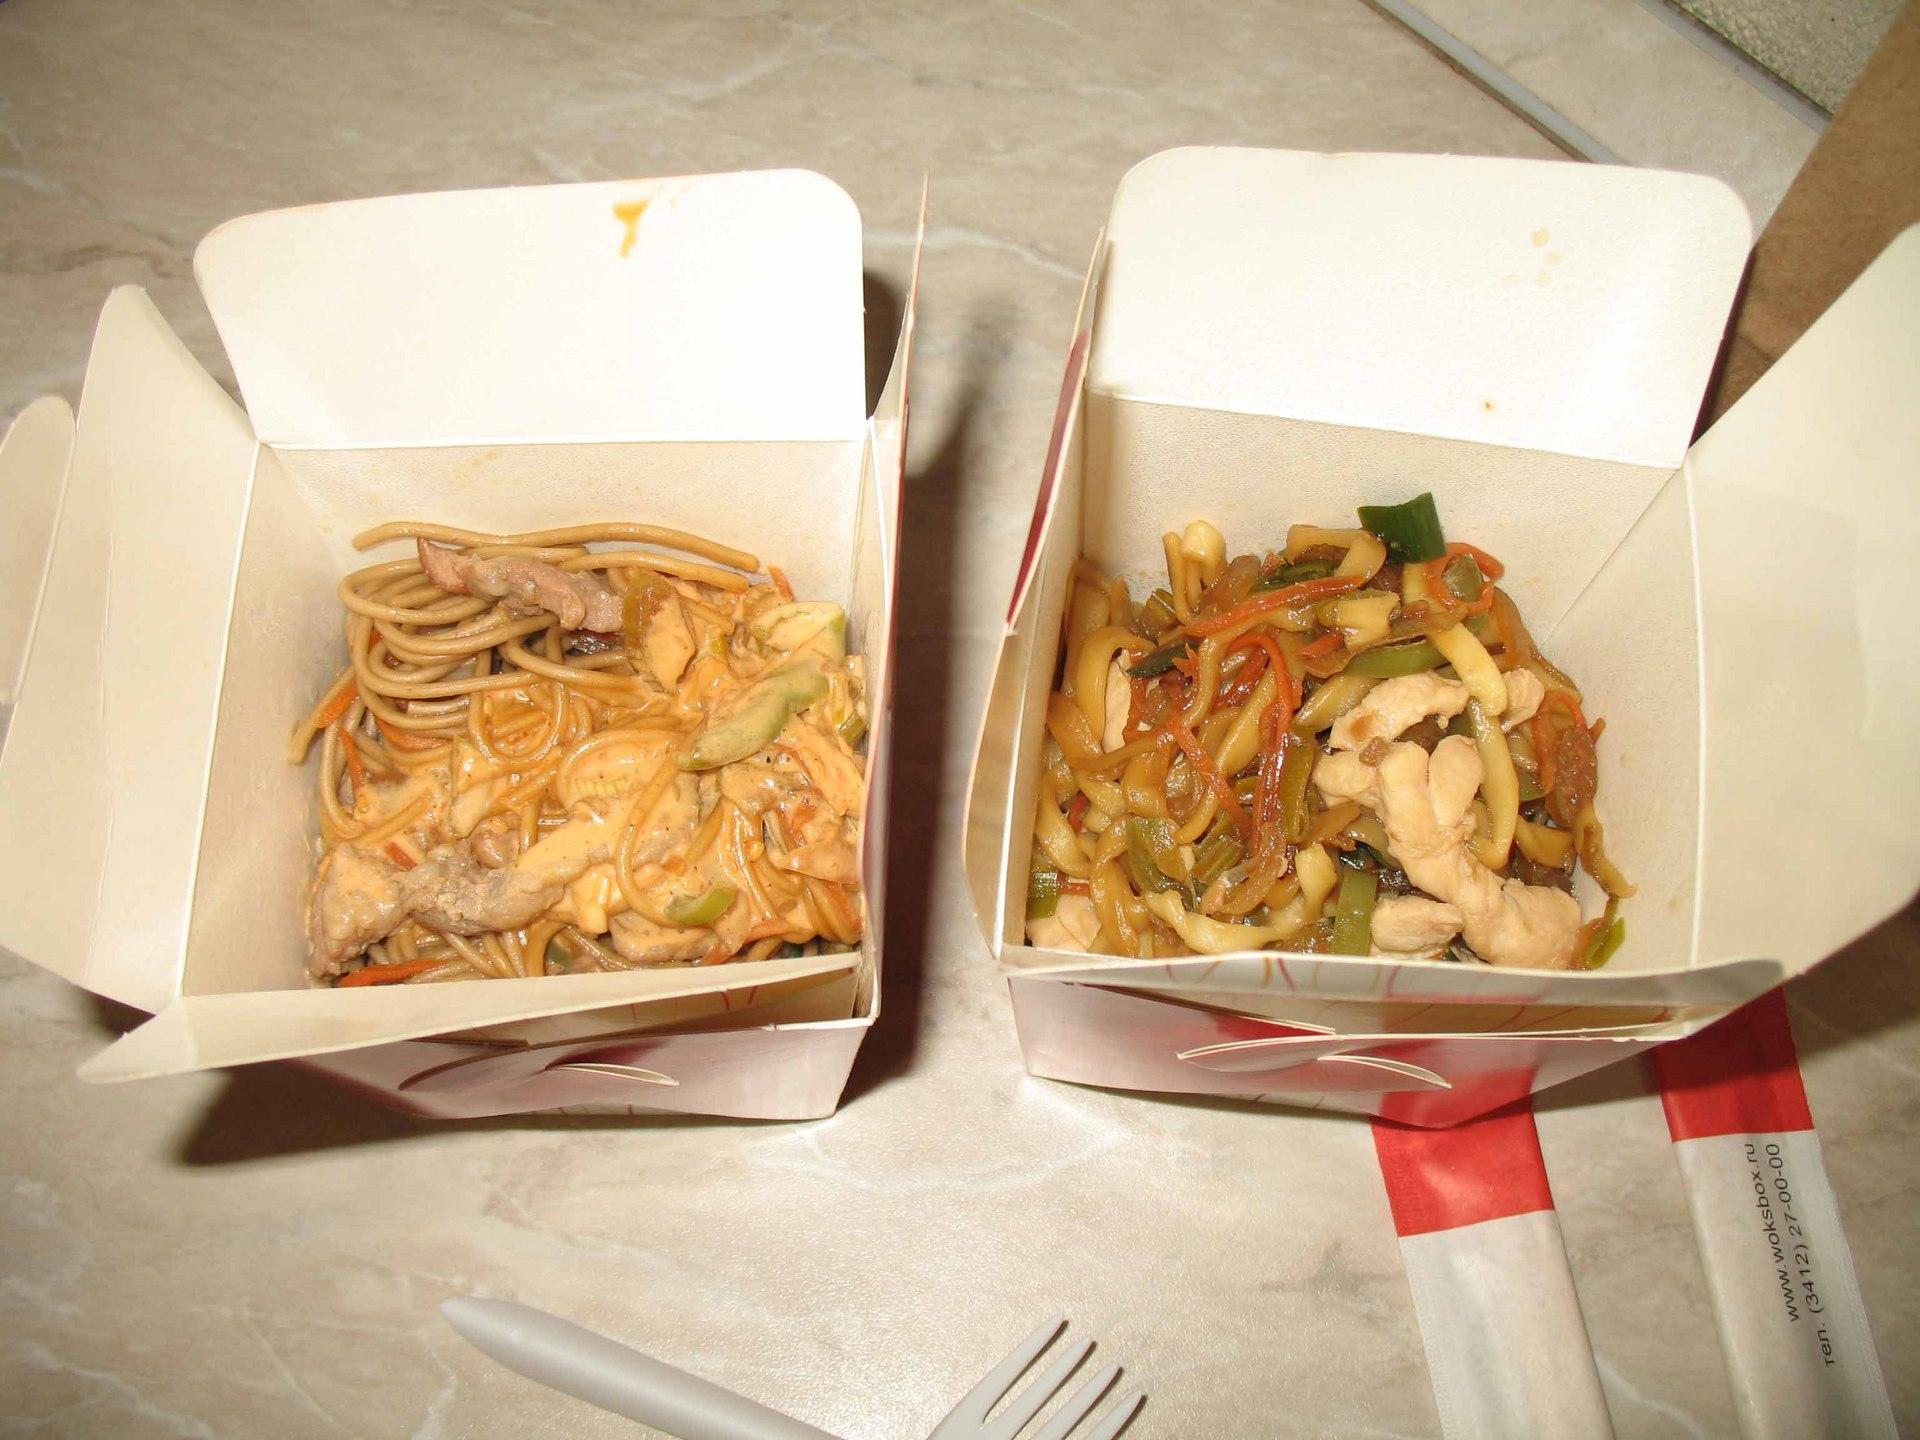 рецепт китайской лапши с креветками в коробочке